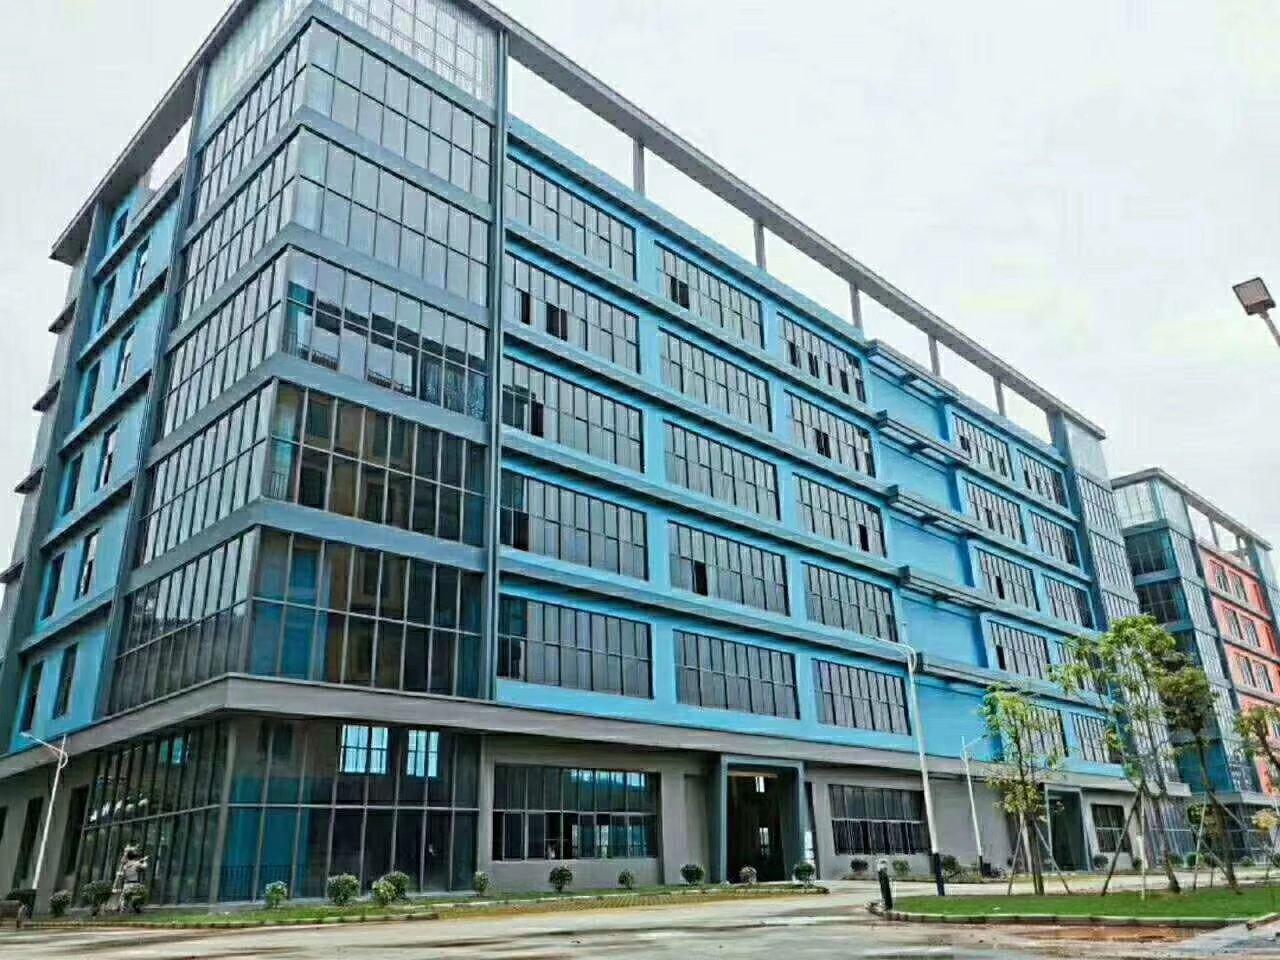 厂房位于深圳市龙岗区,成熟工业园,厂房六层,形象好。